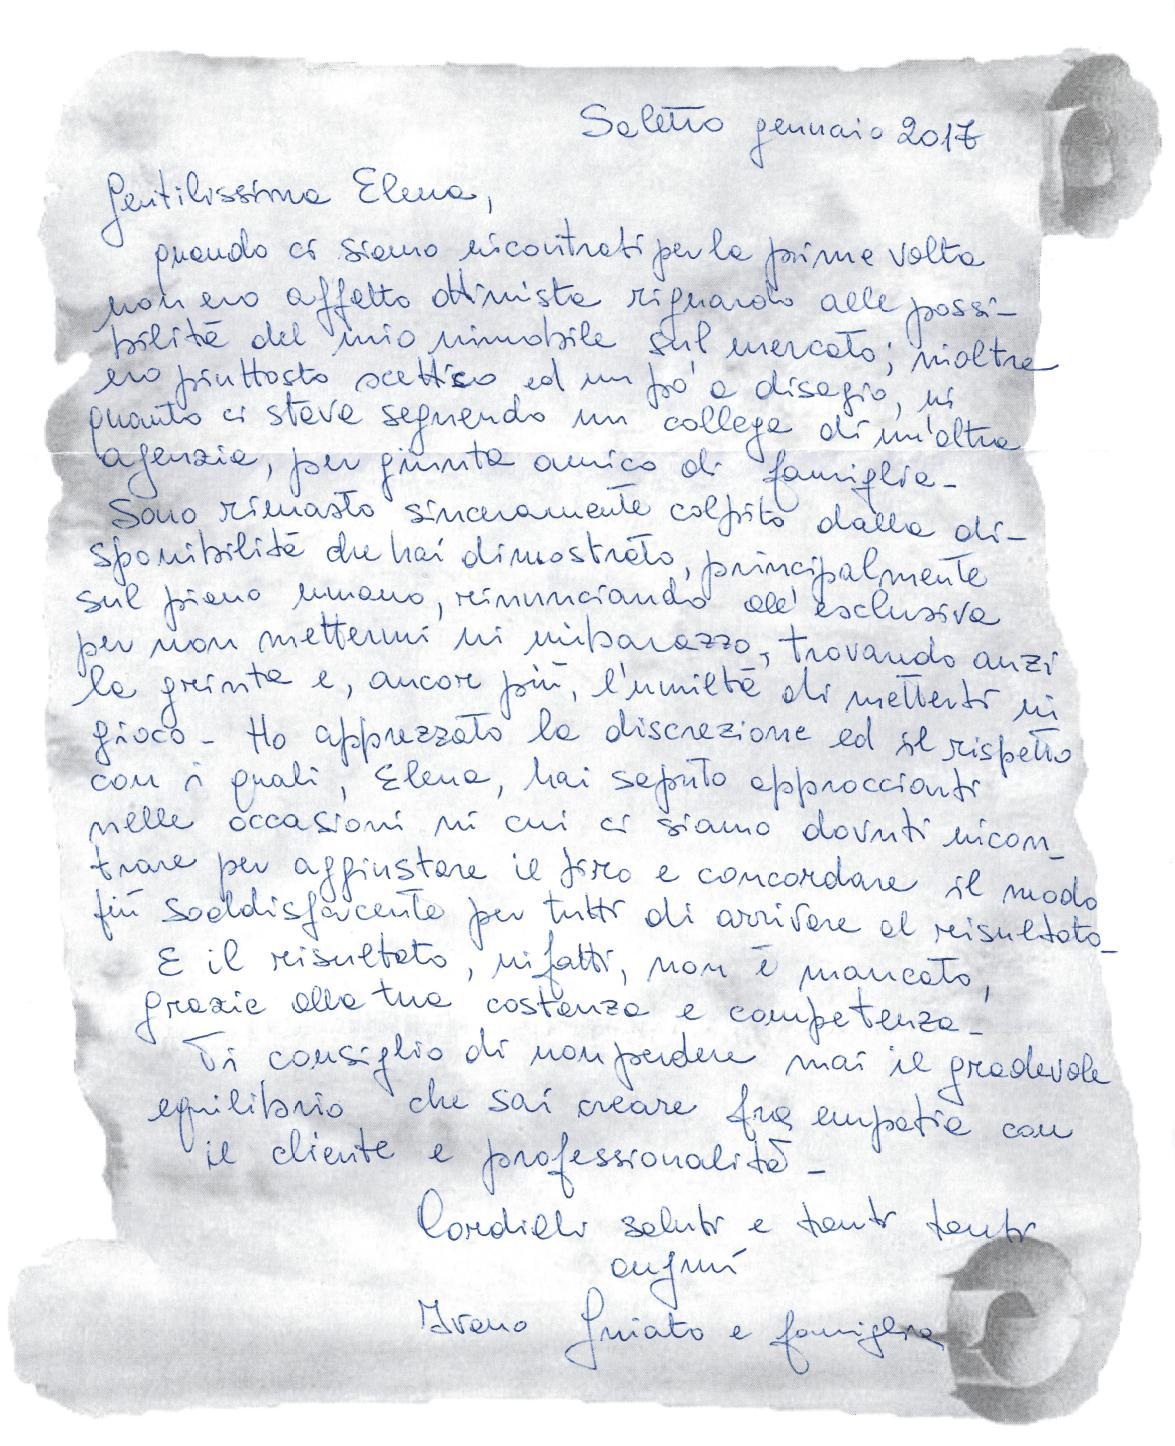 testimonianza venditore casa singola a Monselice, settembre 2015